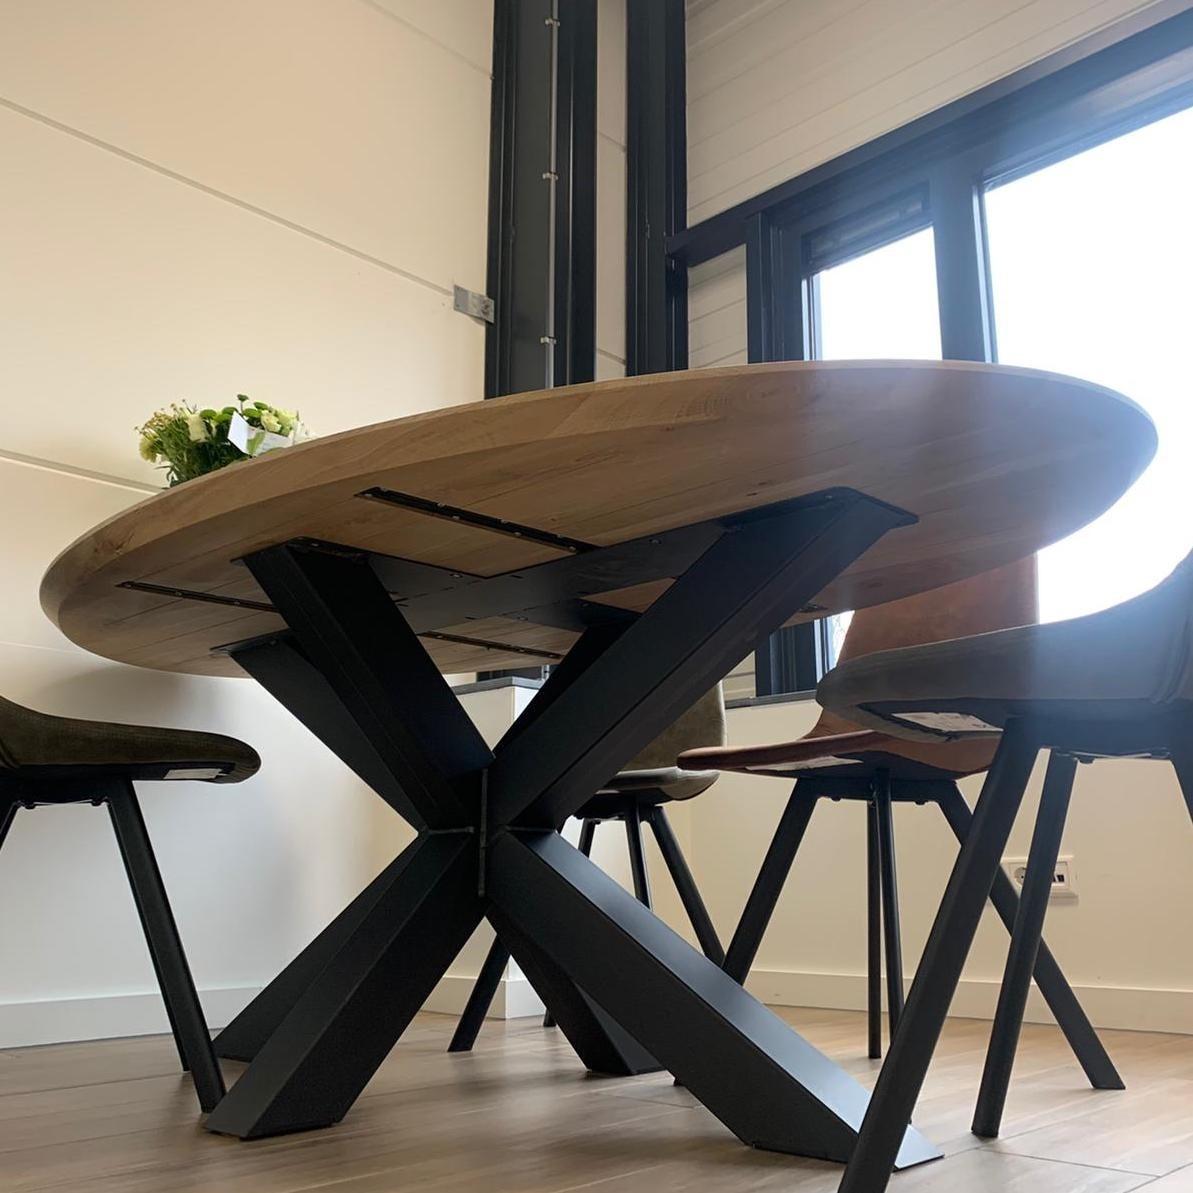 Tischplatte Wildeiche oval - 4 cm dick - mit Schweizer Kante - Asteiche (rustikal) - mit abgeschrägten Kanten - Eiche Tischplatte ellipse massiv - Verleimt & künstlich getrocknet (HF 8-12%)